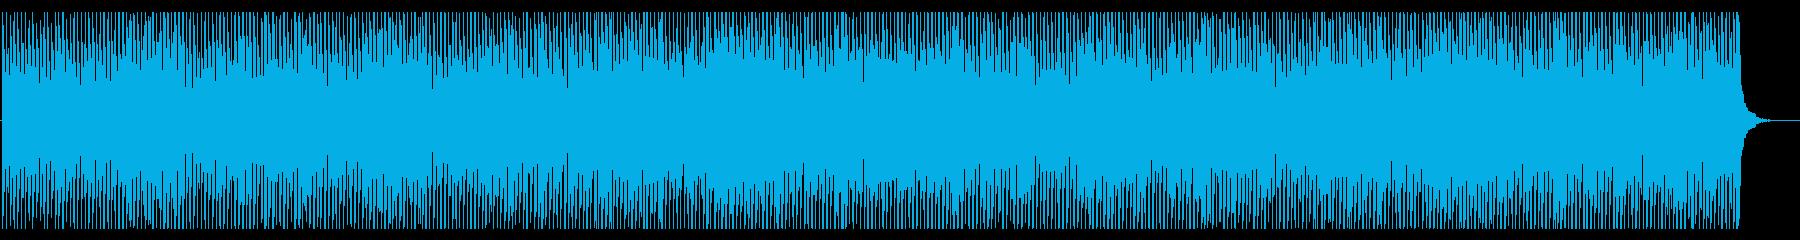 爽やかで煌びやかなピアノ&ギターBGMの再生済みの波形